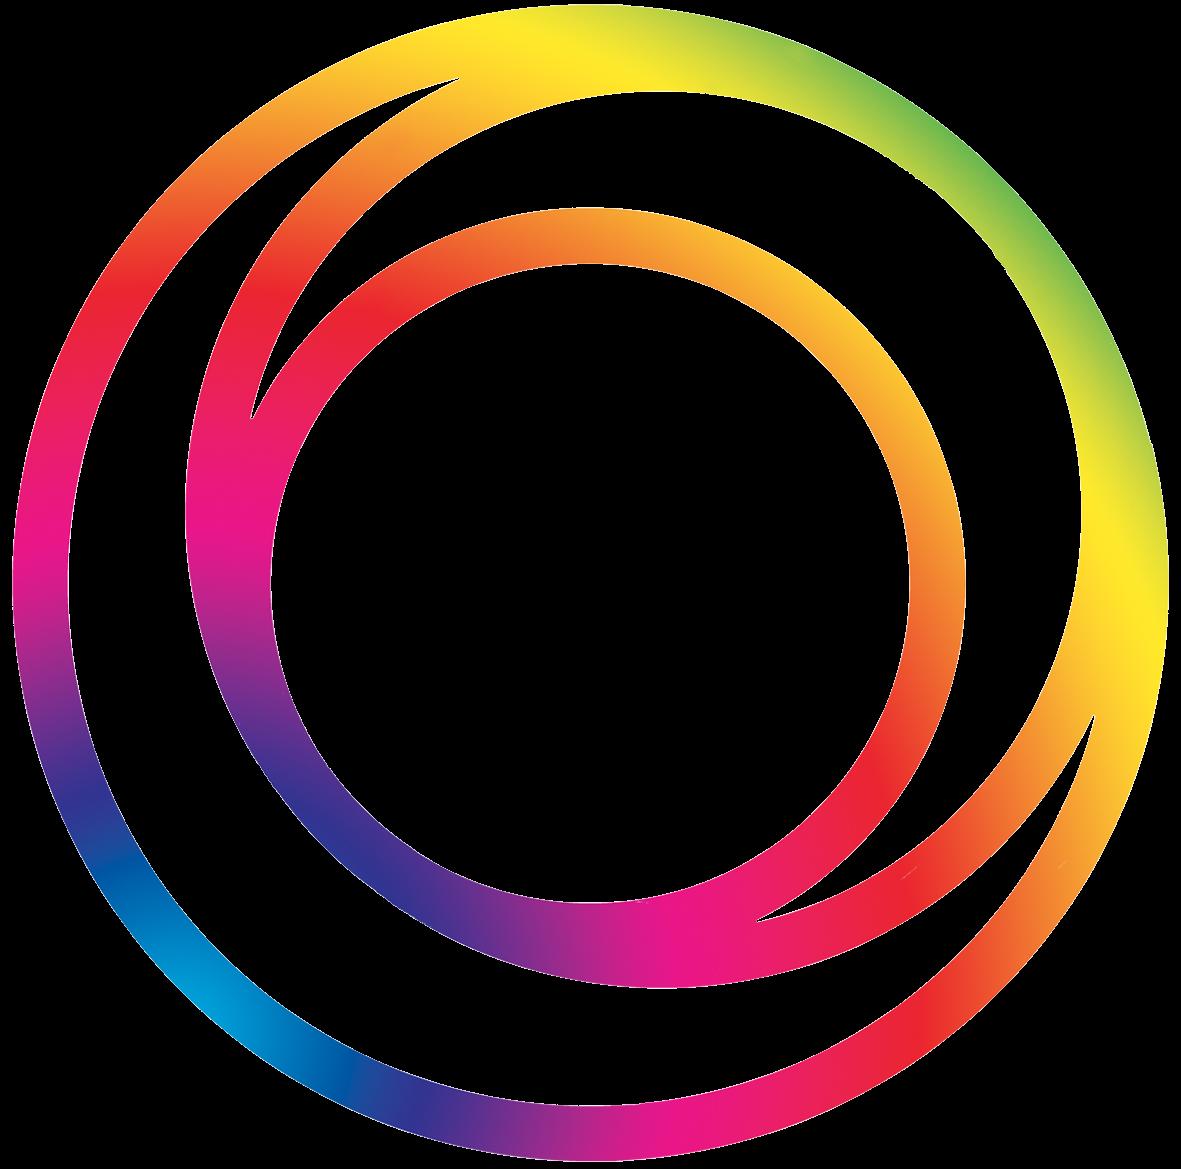 Circular 2019